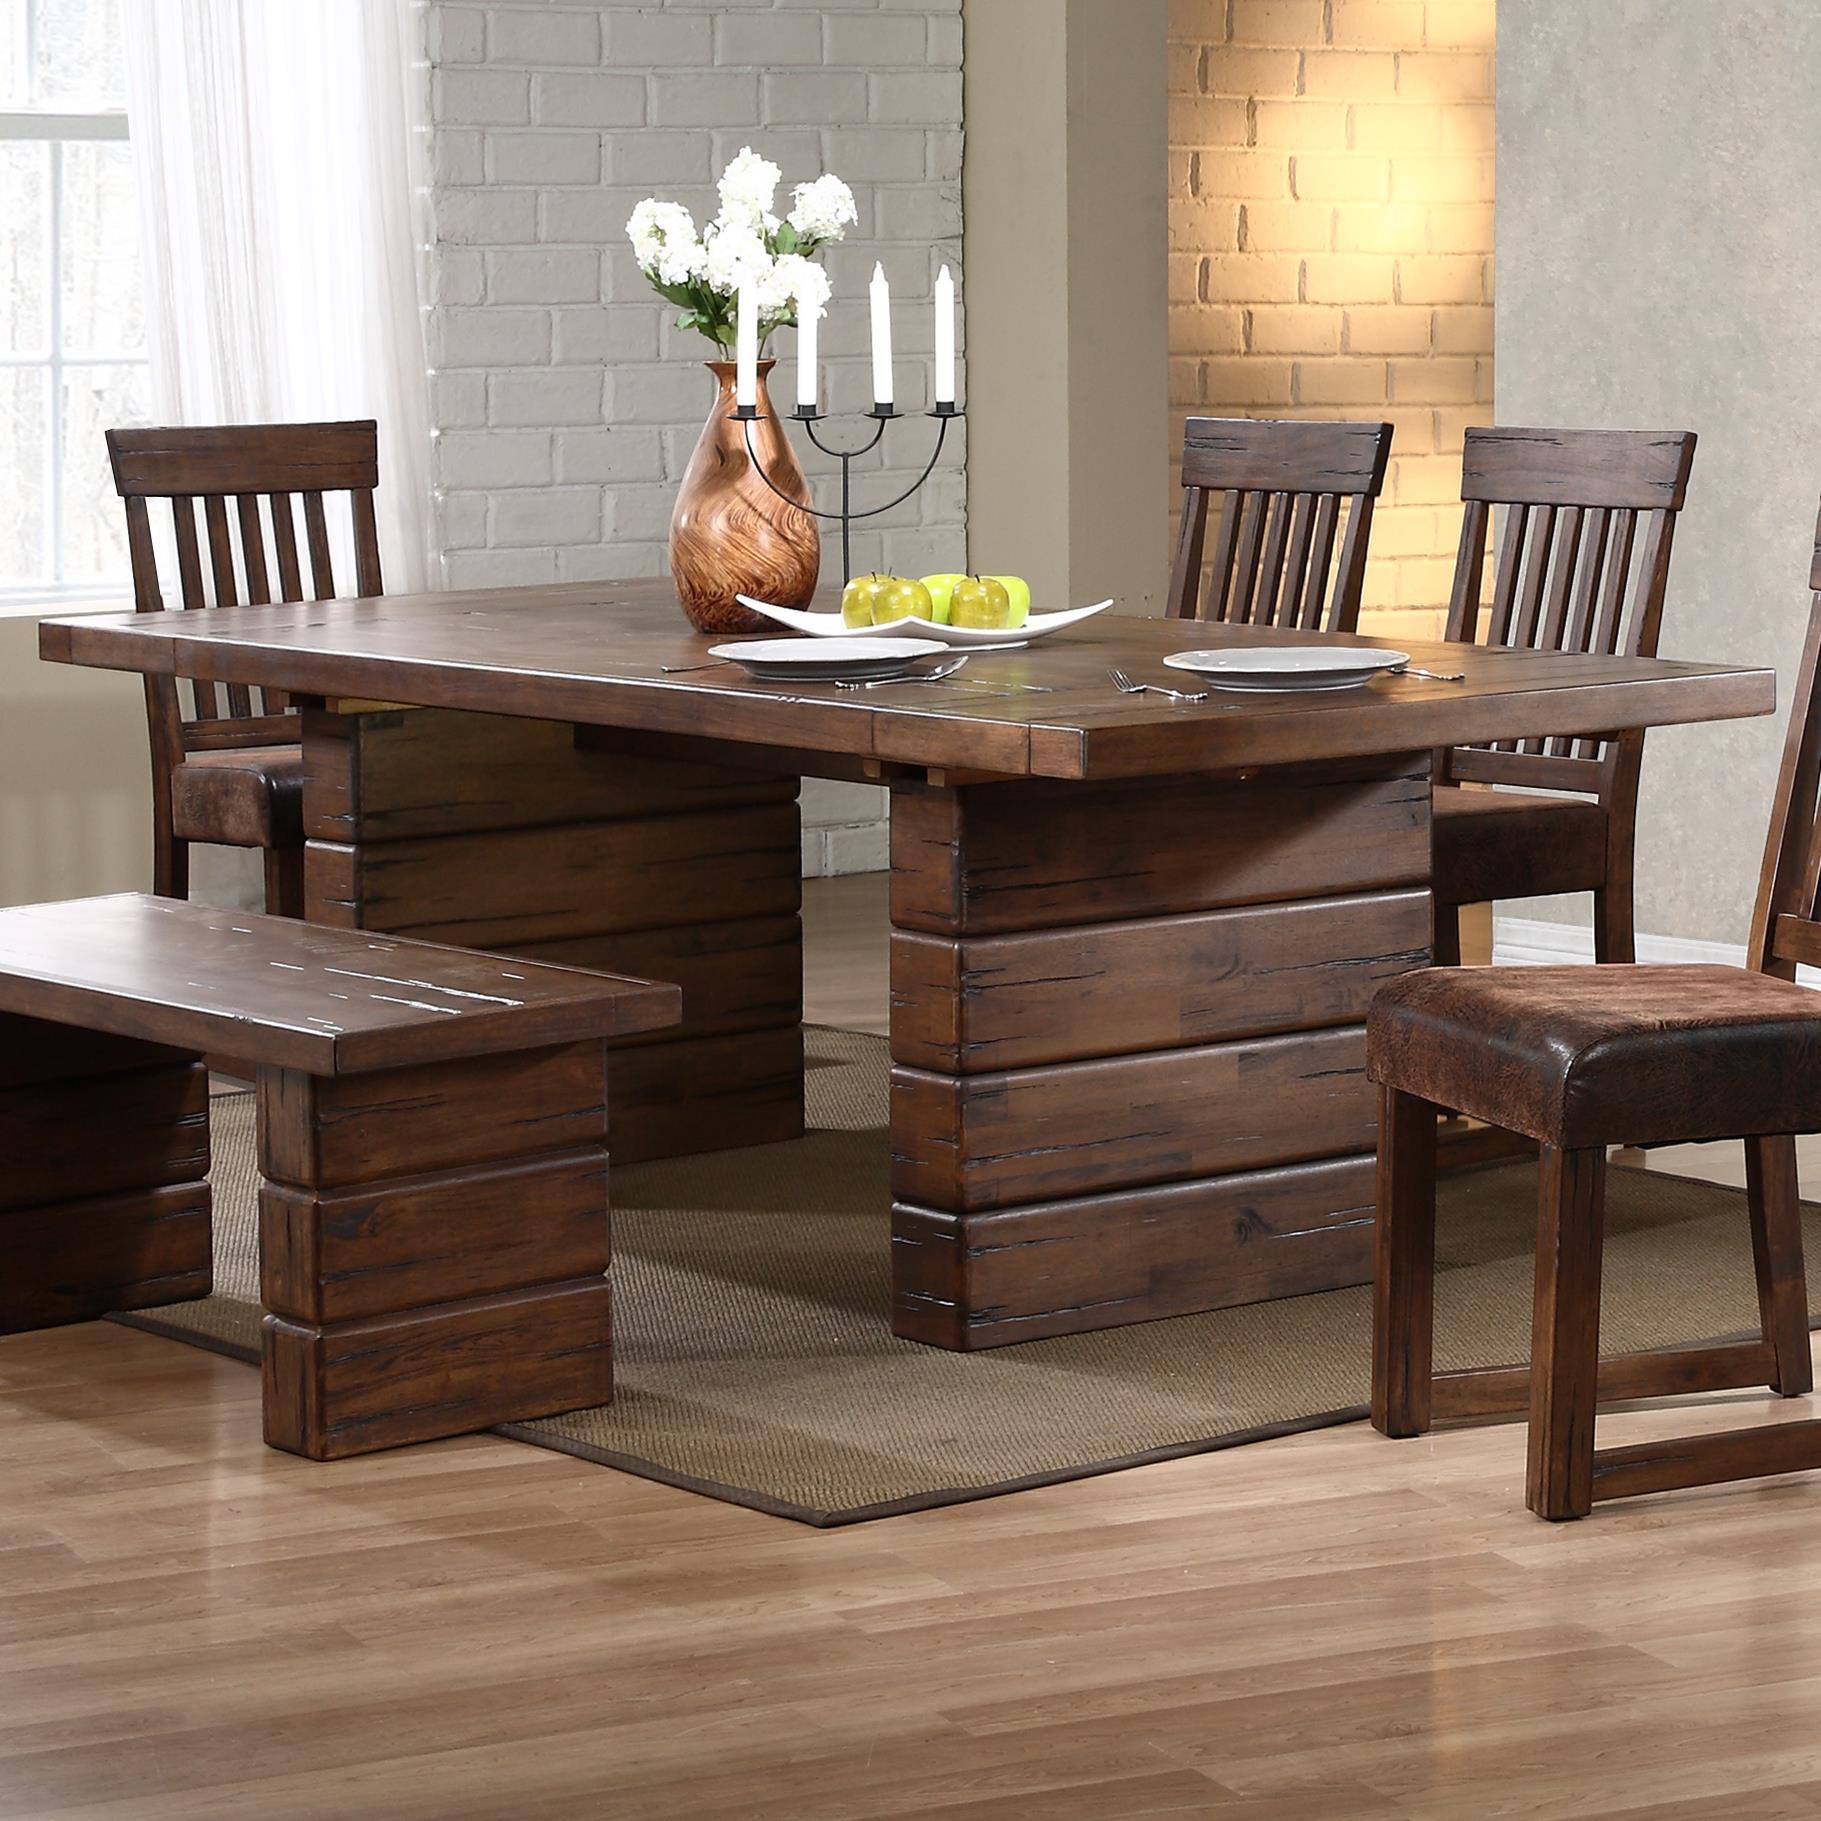 Progressive Furniture Maverick Rectangle Dining Table - Item Number: P866-10B+10T